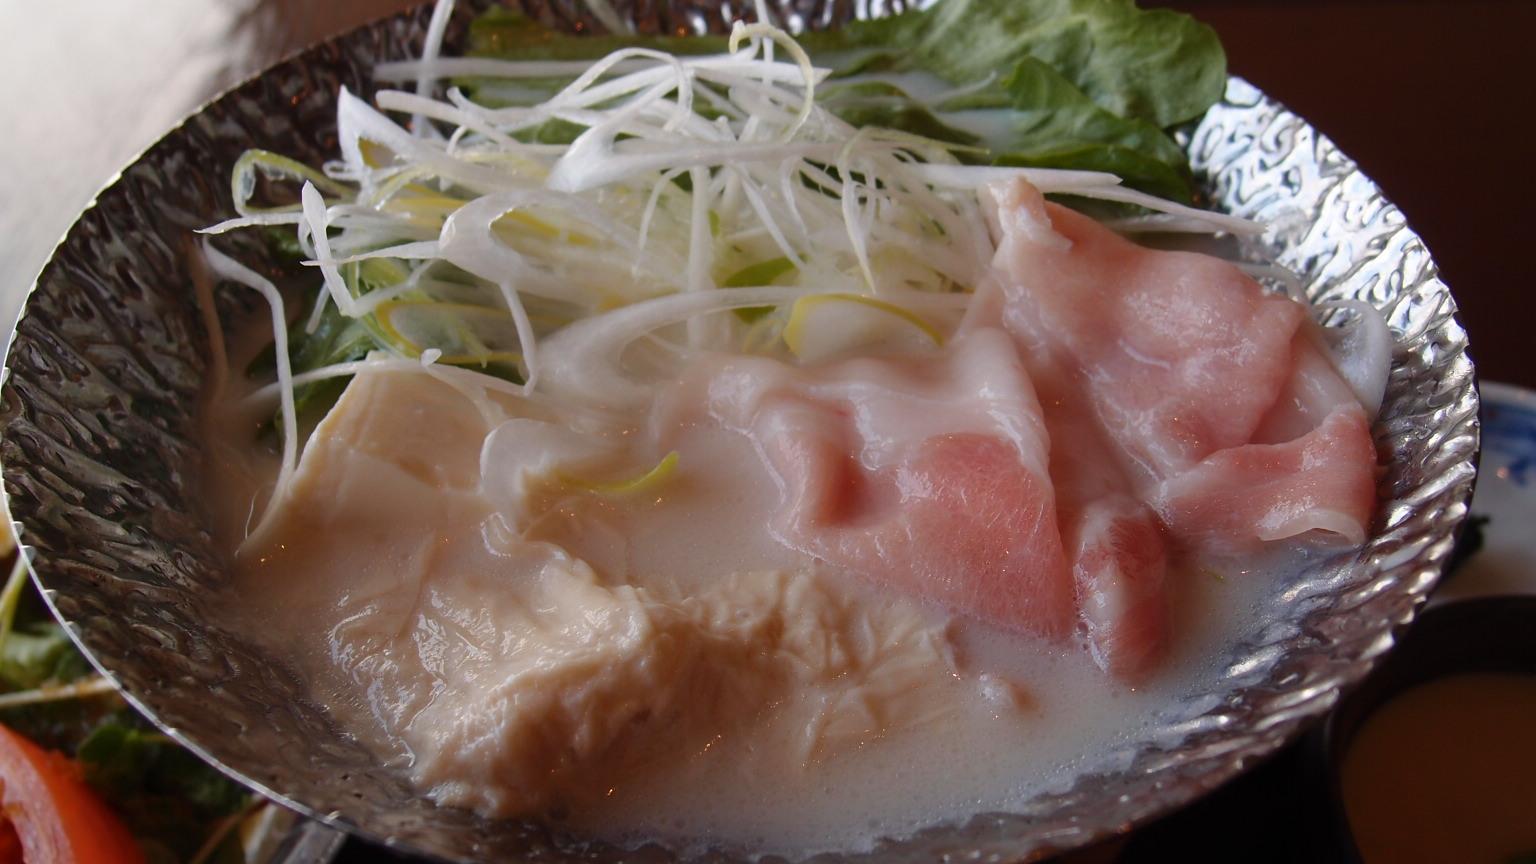 銀座 吉祥 THE KABUKI店 幻霜ポークとレタスの豆乳鍋ご膳